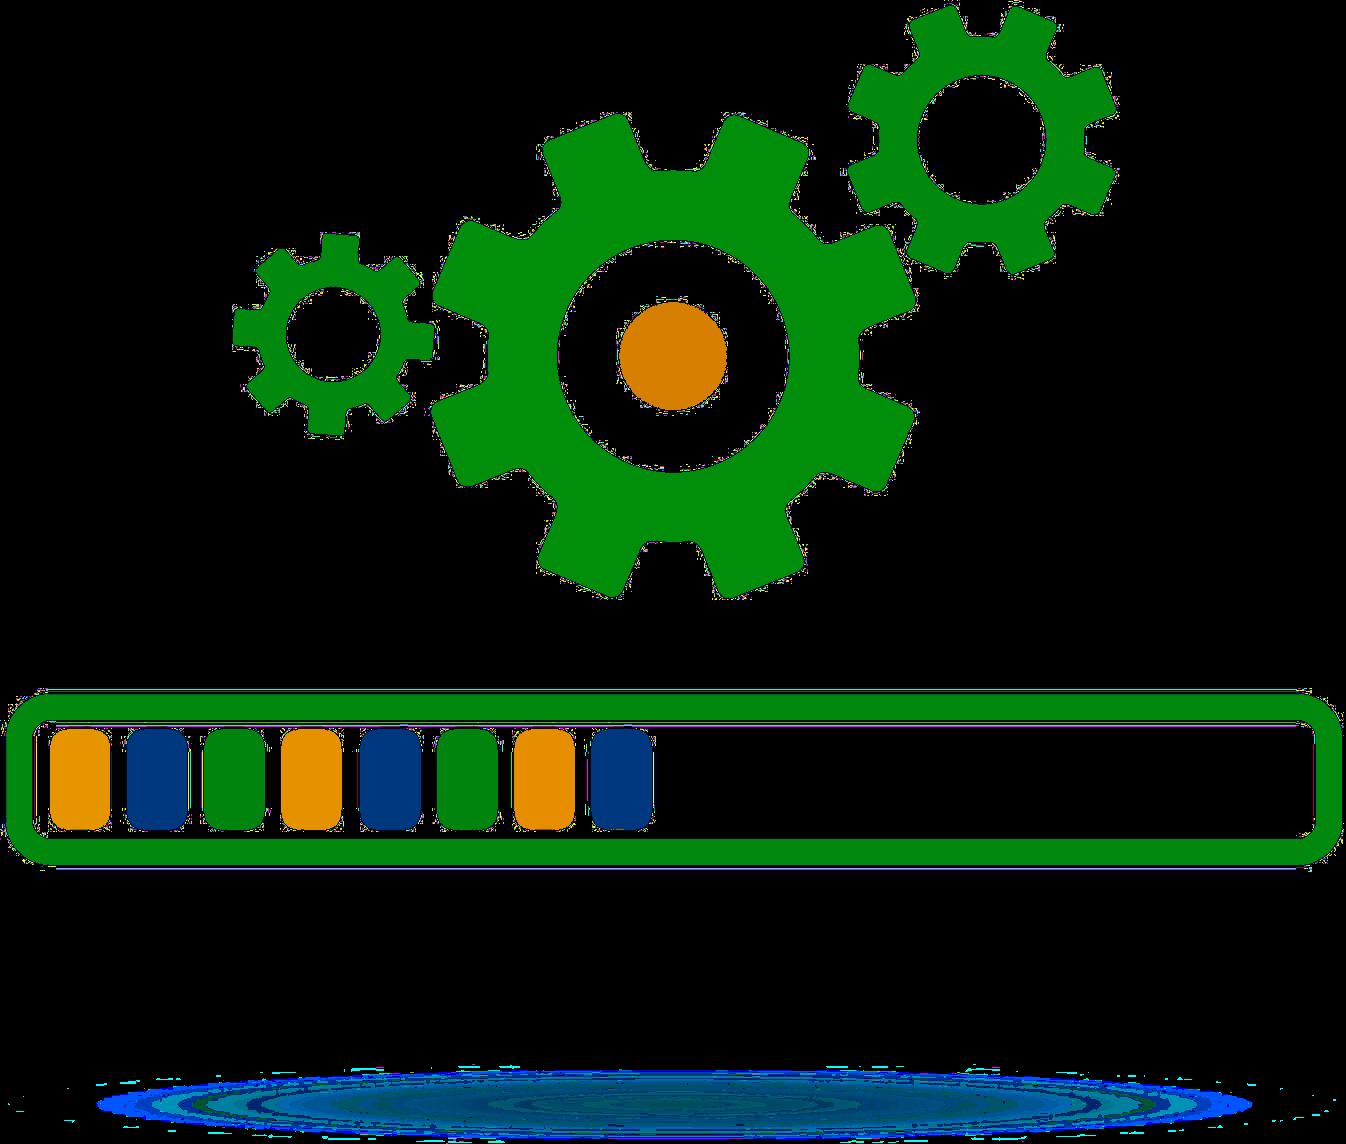 Flyt økonomistyringen til Business Central  Online